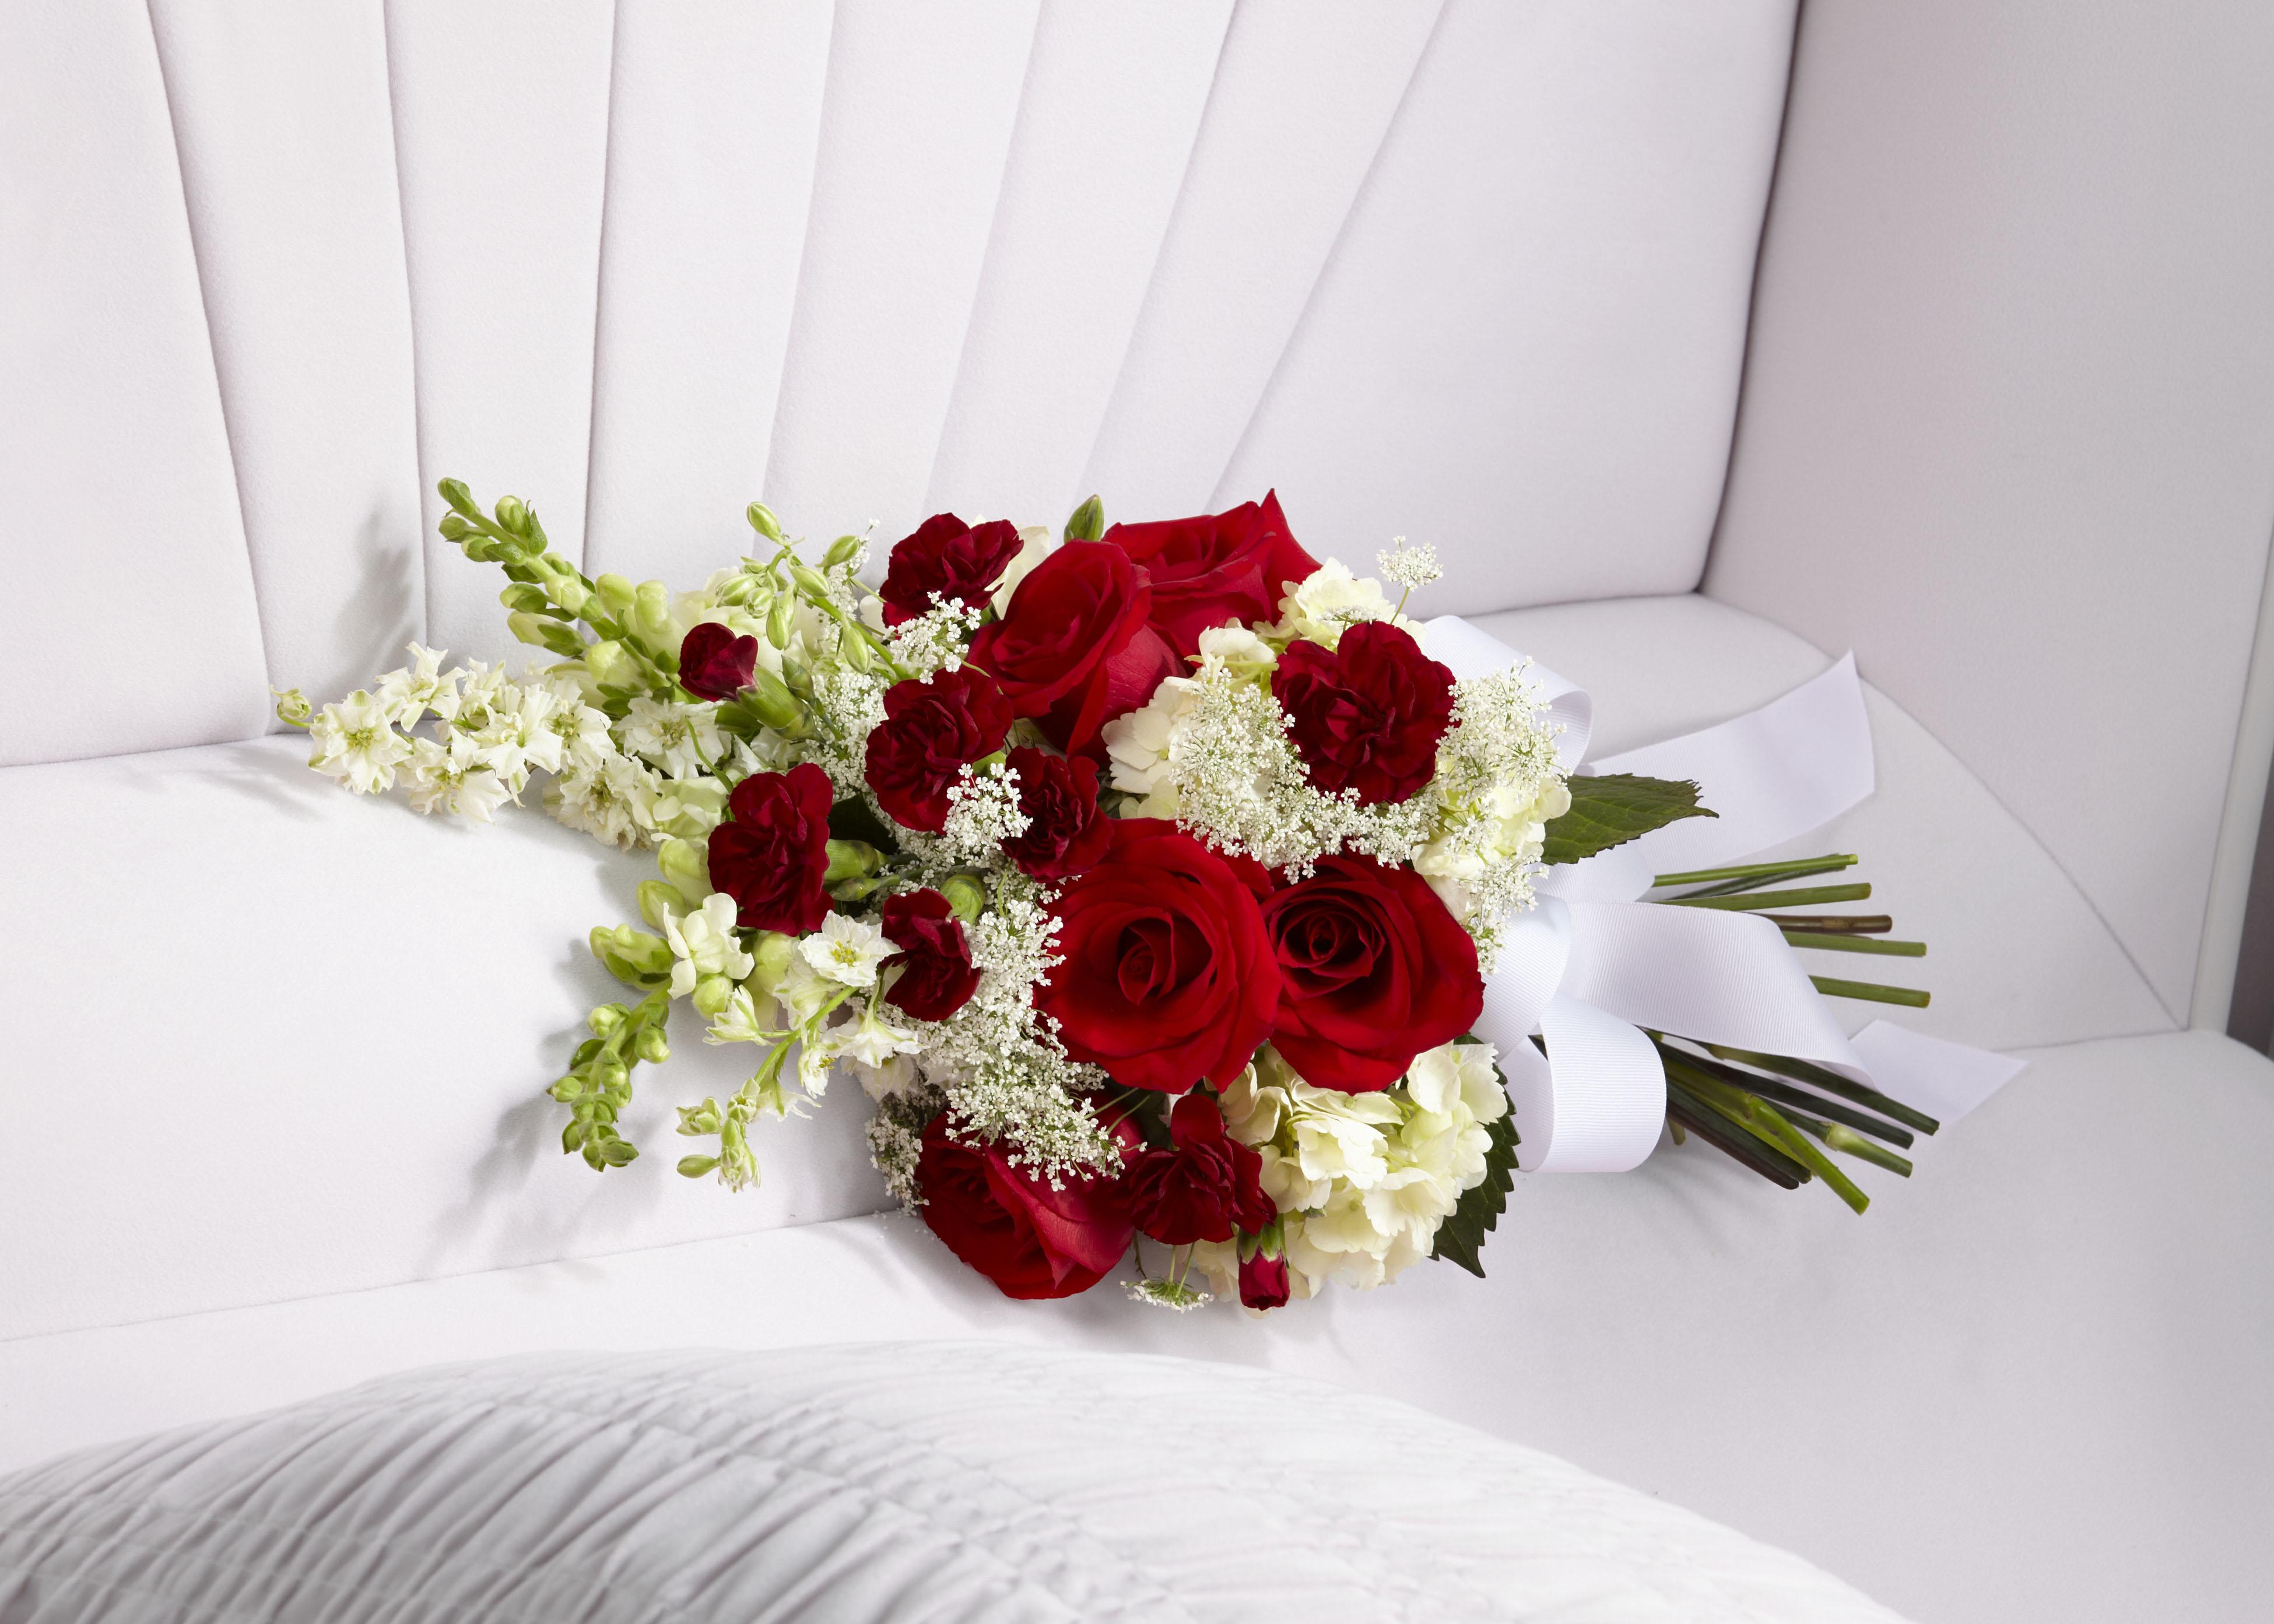 Funeral flower patch treasured memories casket lid piece izmirmasajfo